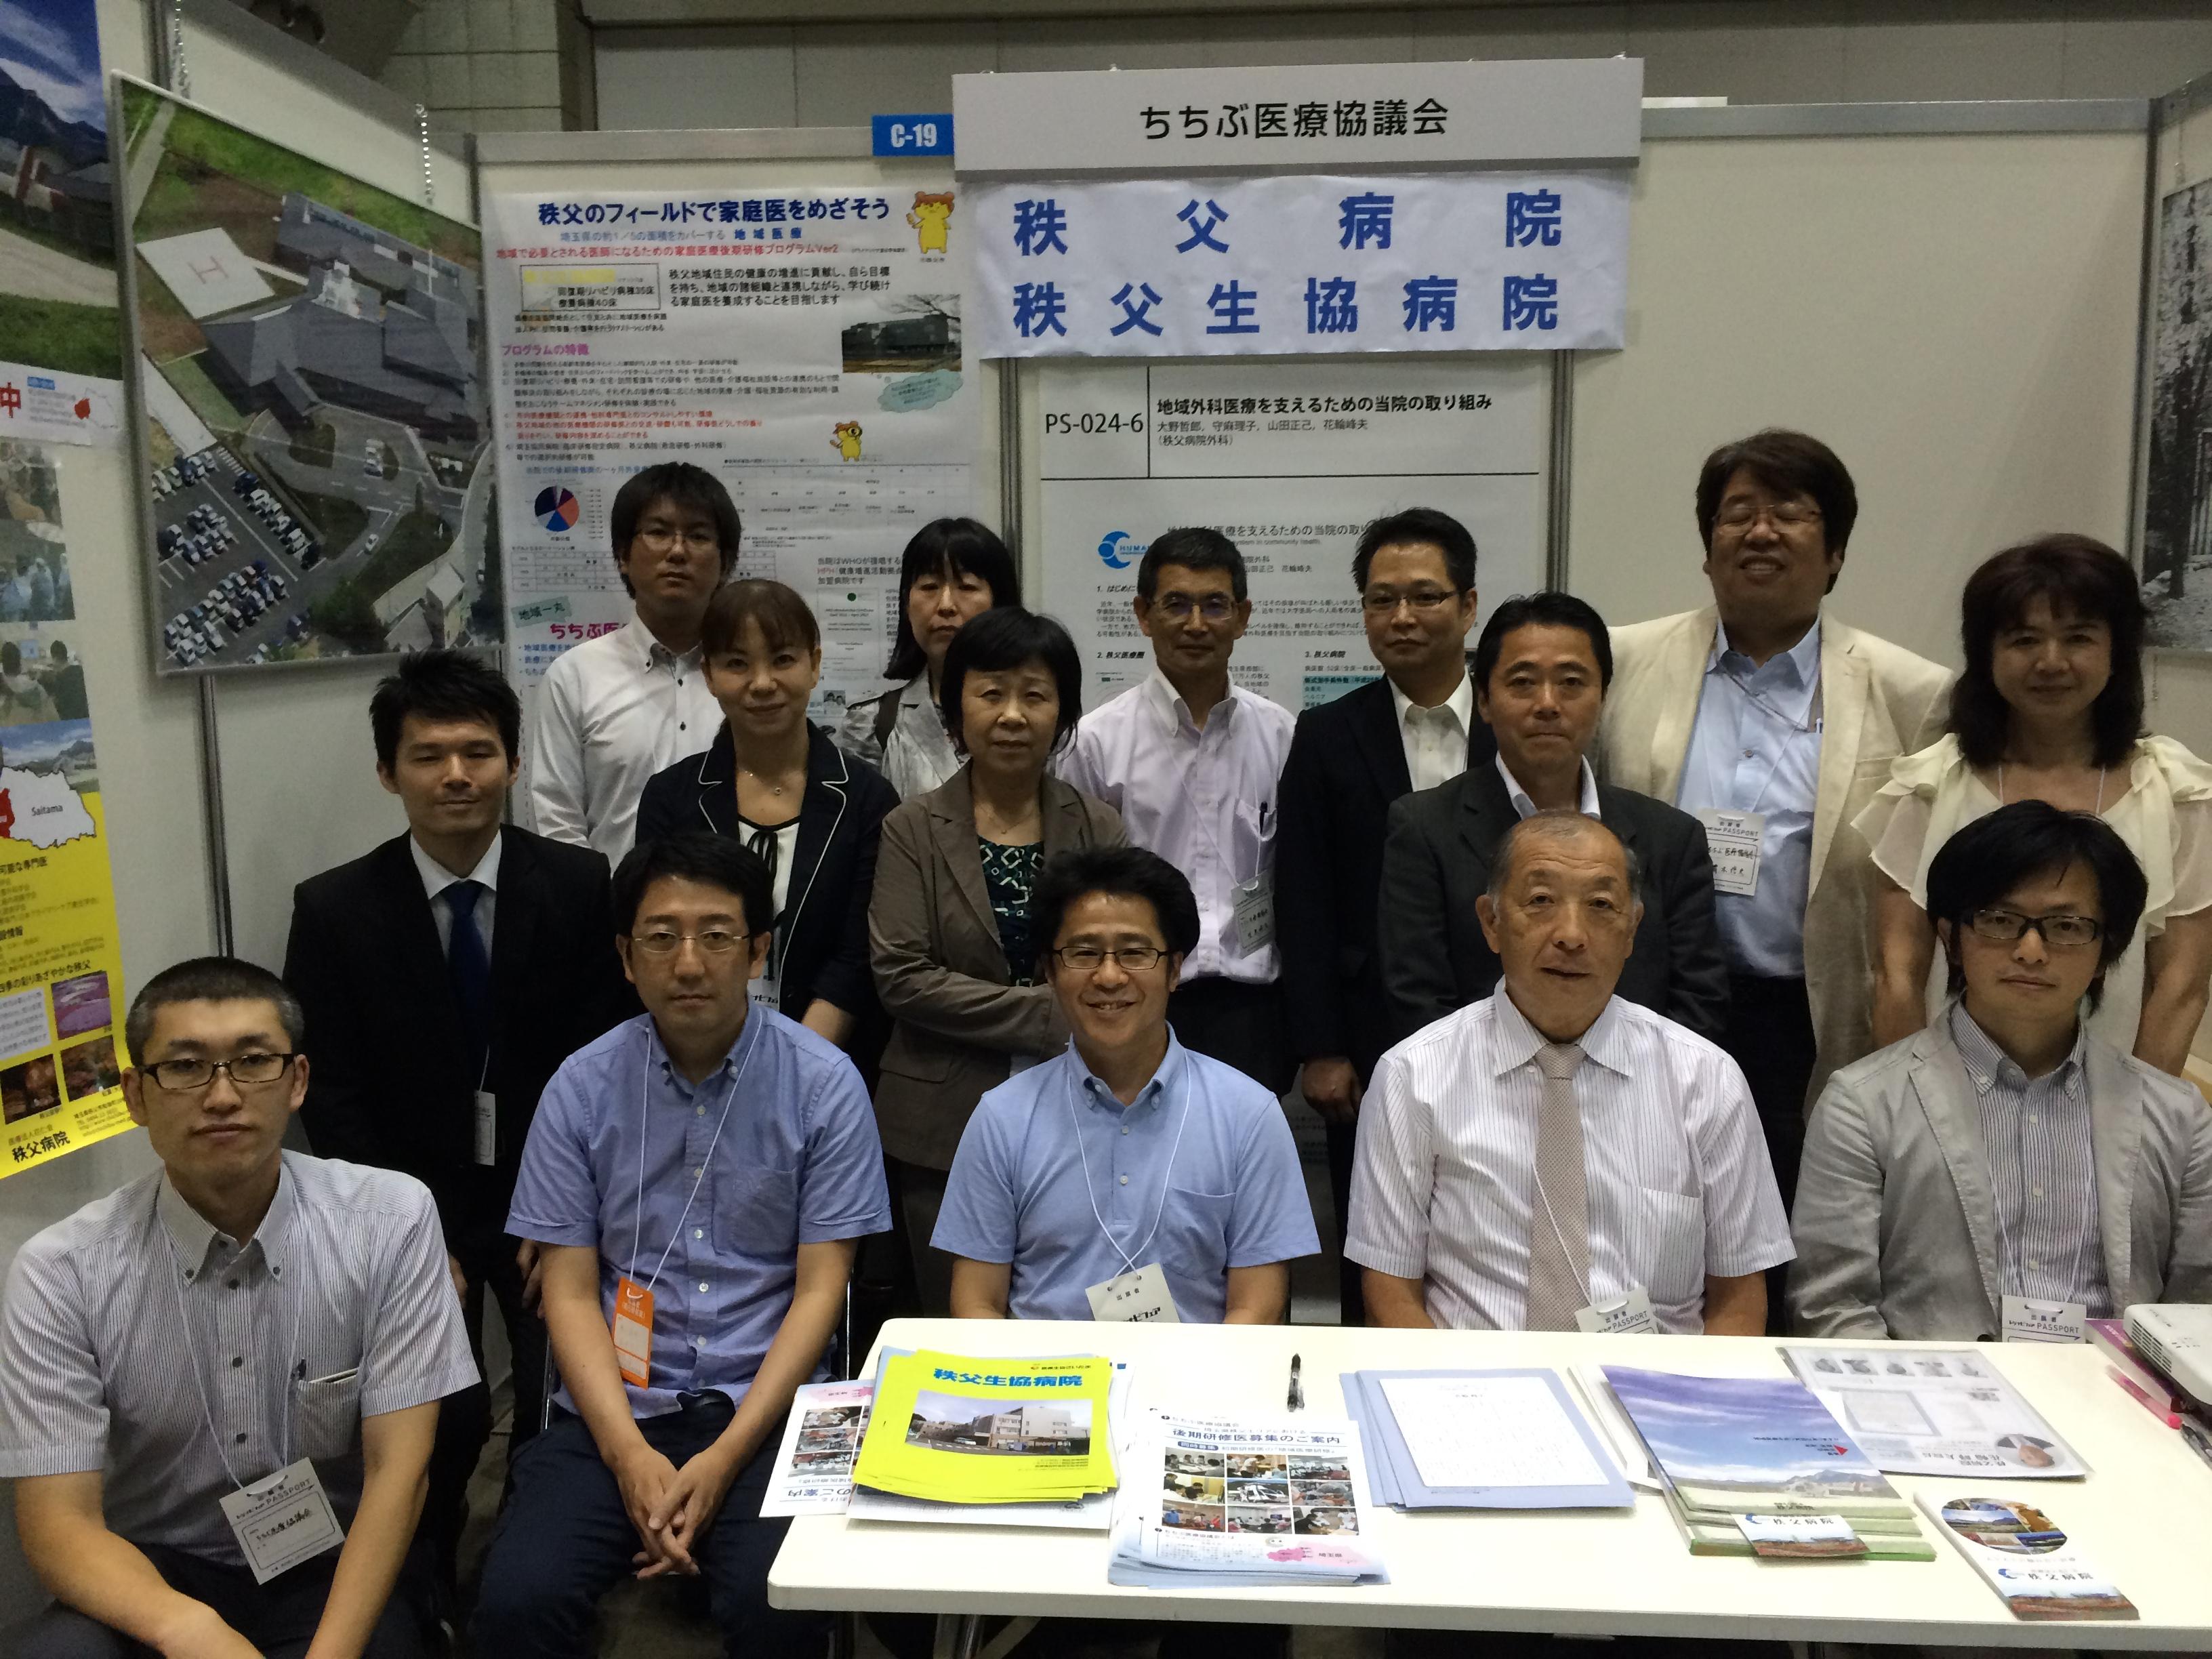 http://chichibu-med.jp/news/F9B1635C-94EF-4E3A-96E3-B2EEBF516D57.JPG